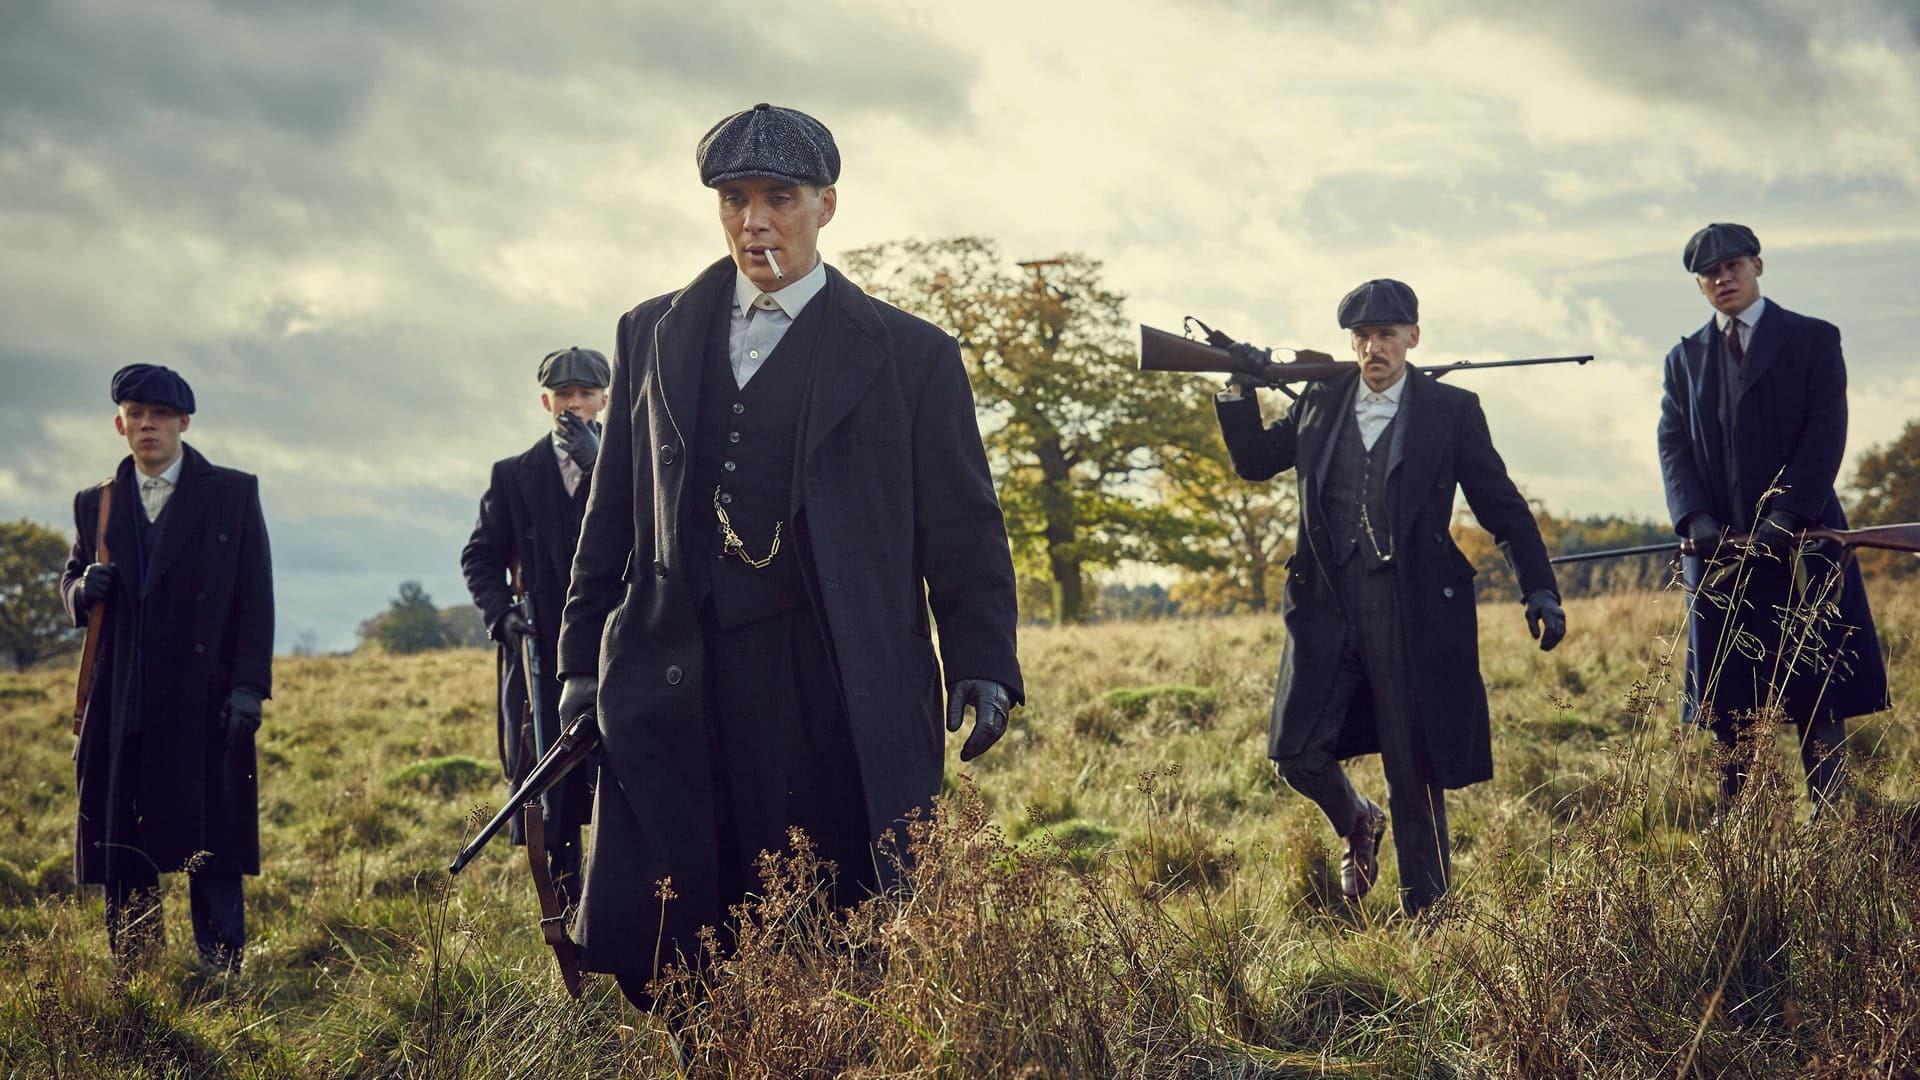 Peaky Blinders Season 6 show